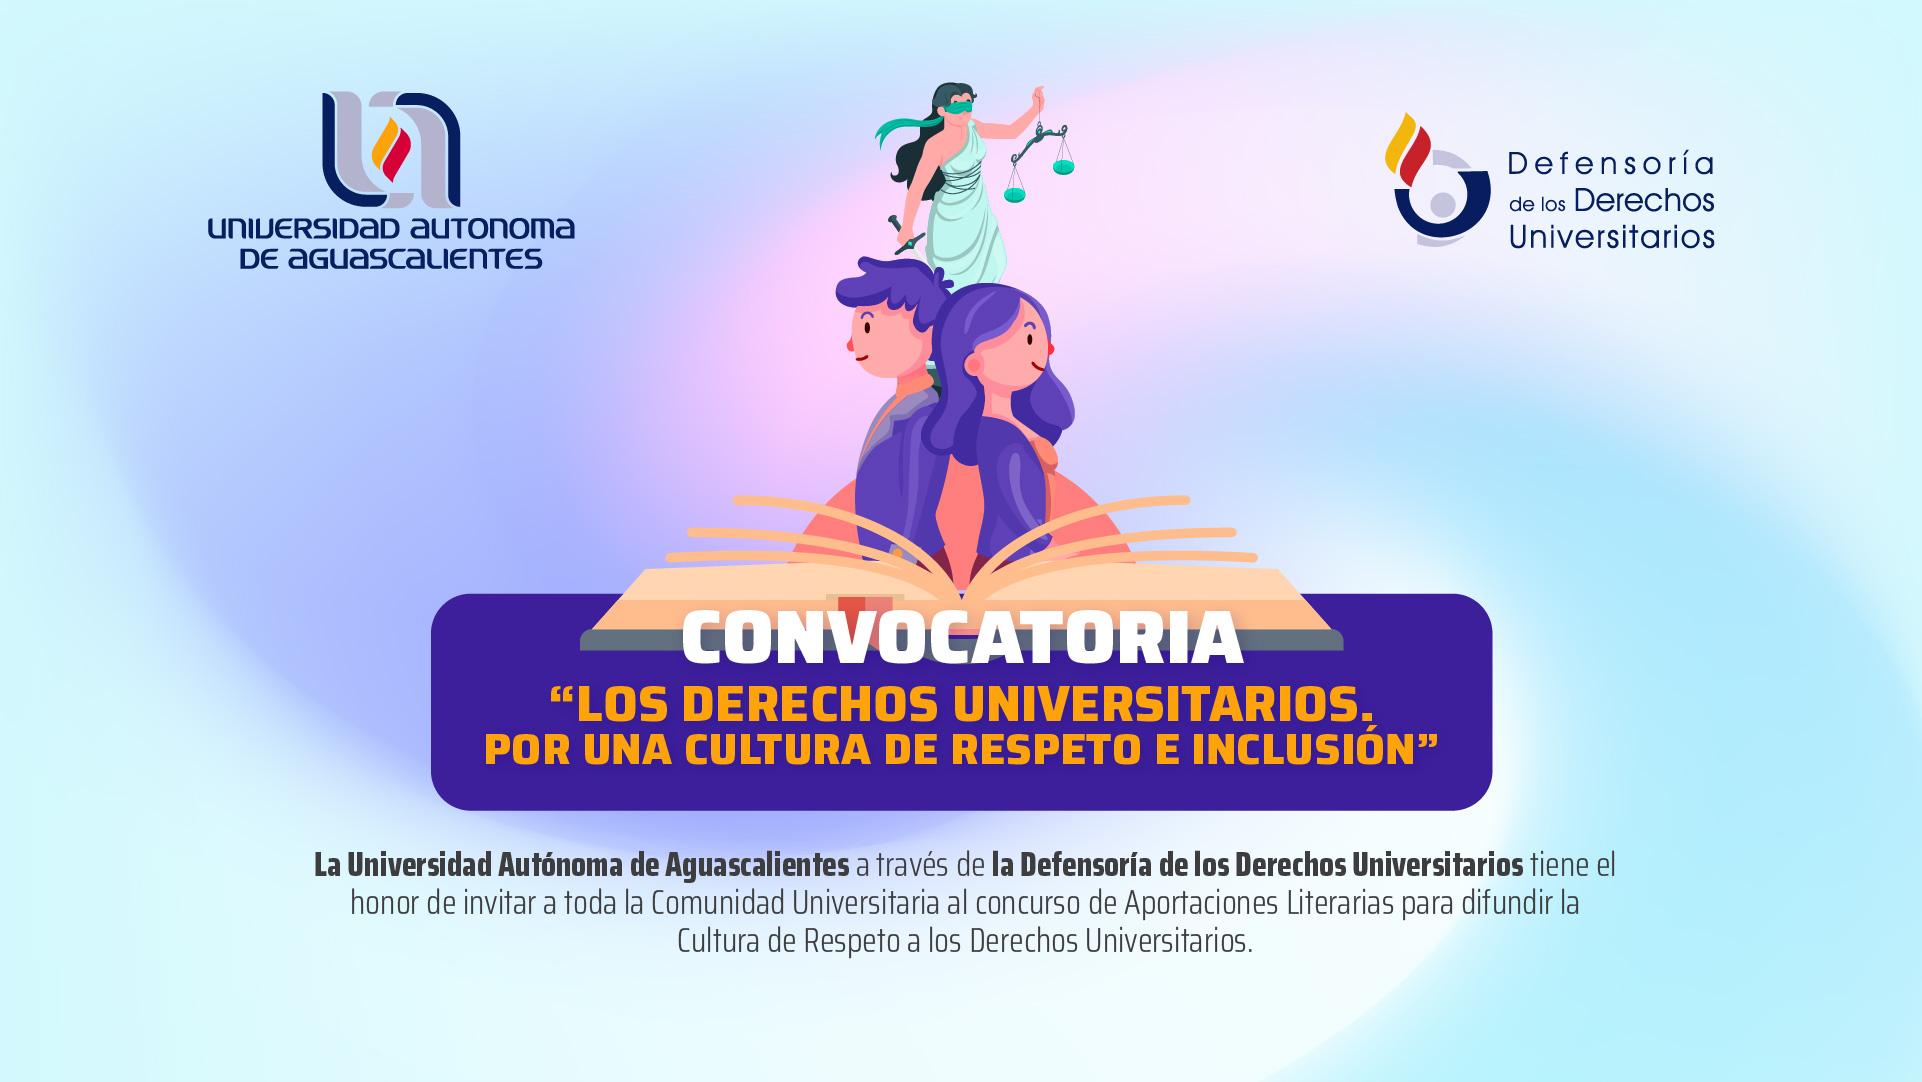 CONVOCATORIA DERECHOS UNIVERSITARIOS